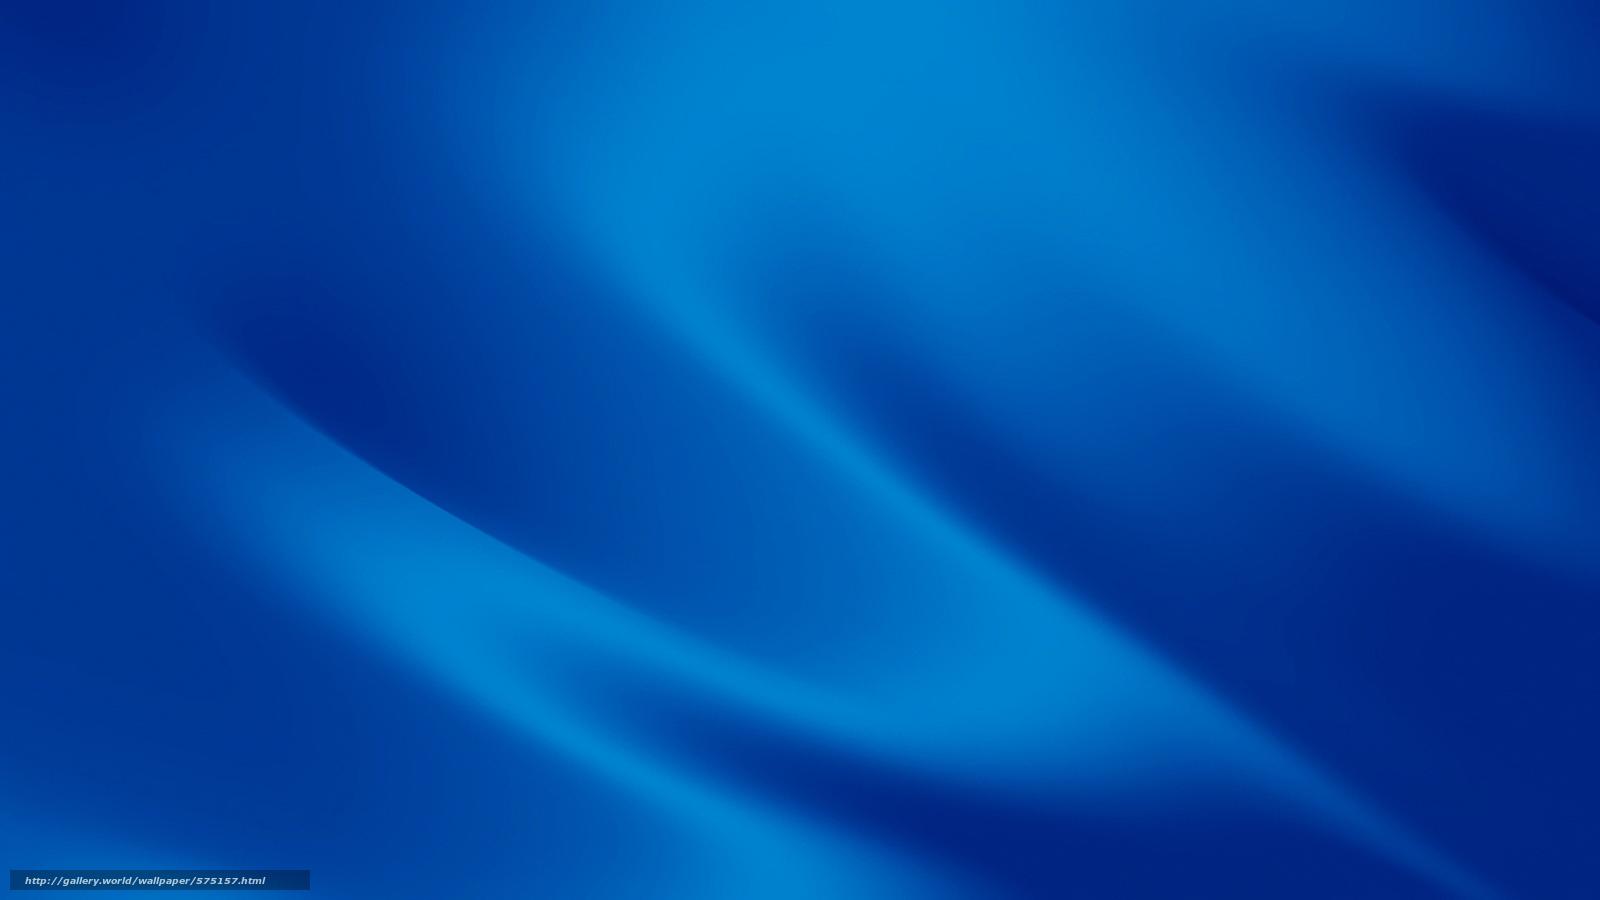 Скачать обои свет,  отлив,  цвет,  складки бесплатно для рабочего стола в разрешении 1920x1080 — картинка №575157